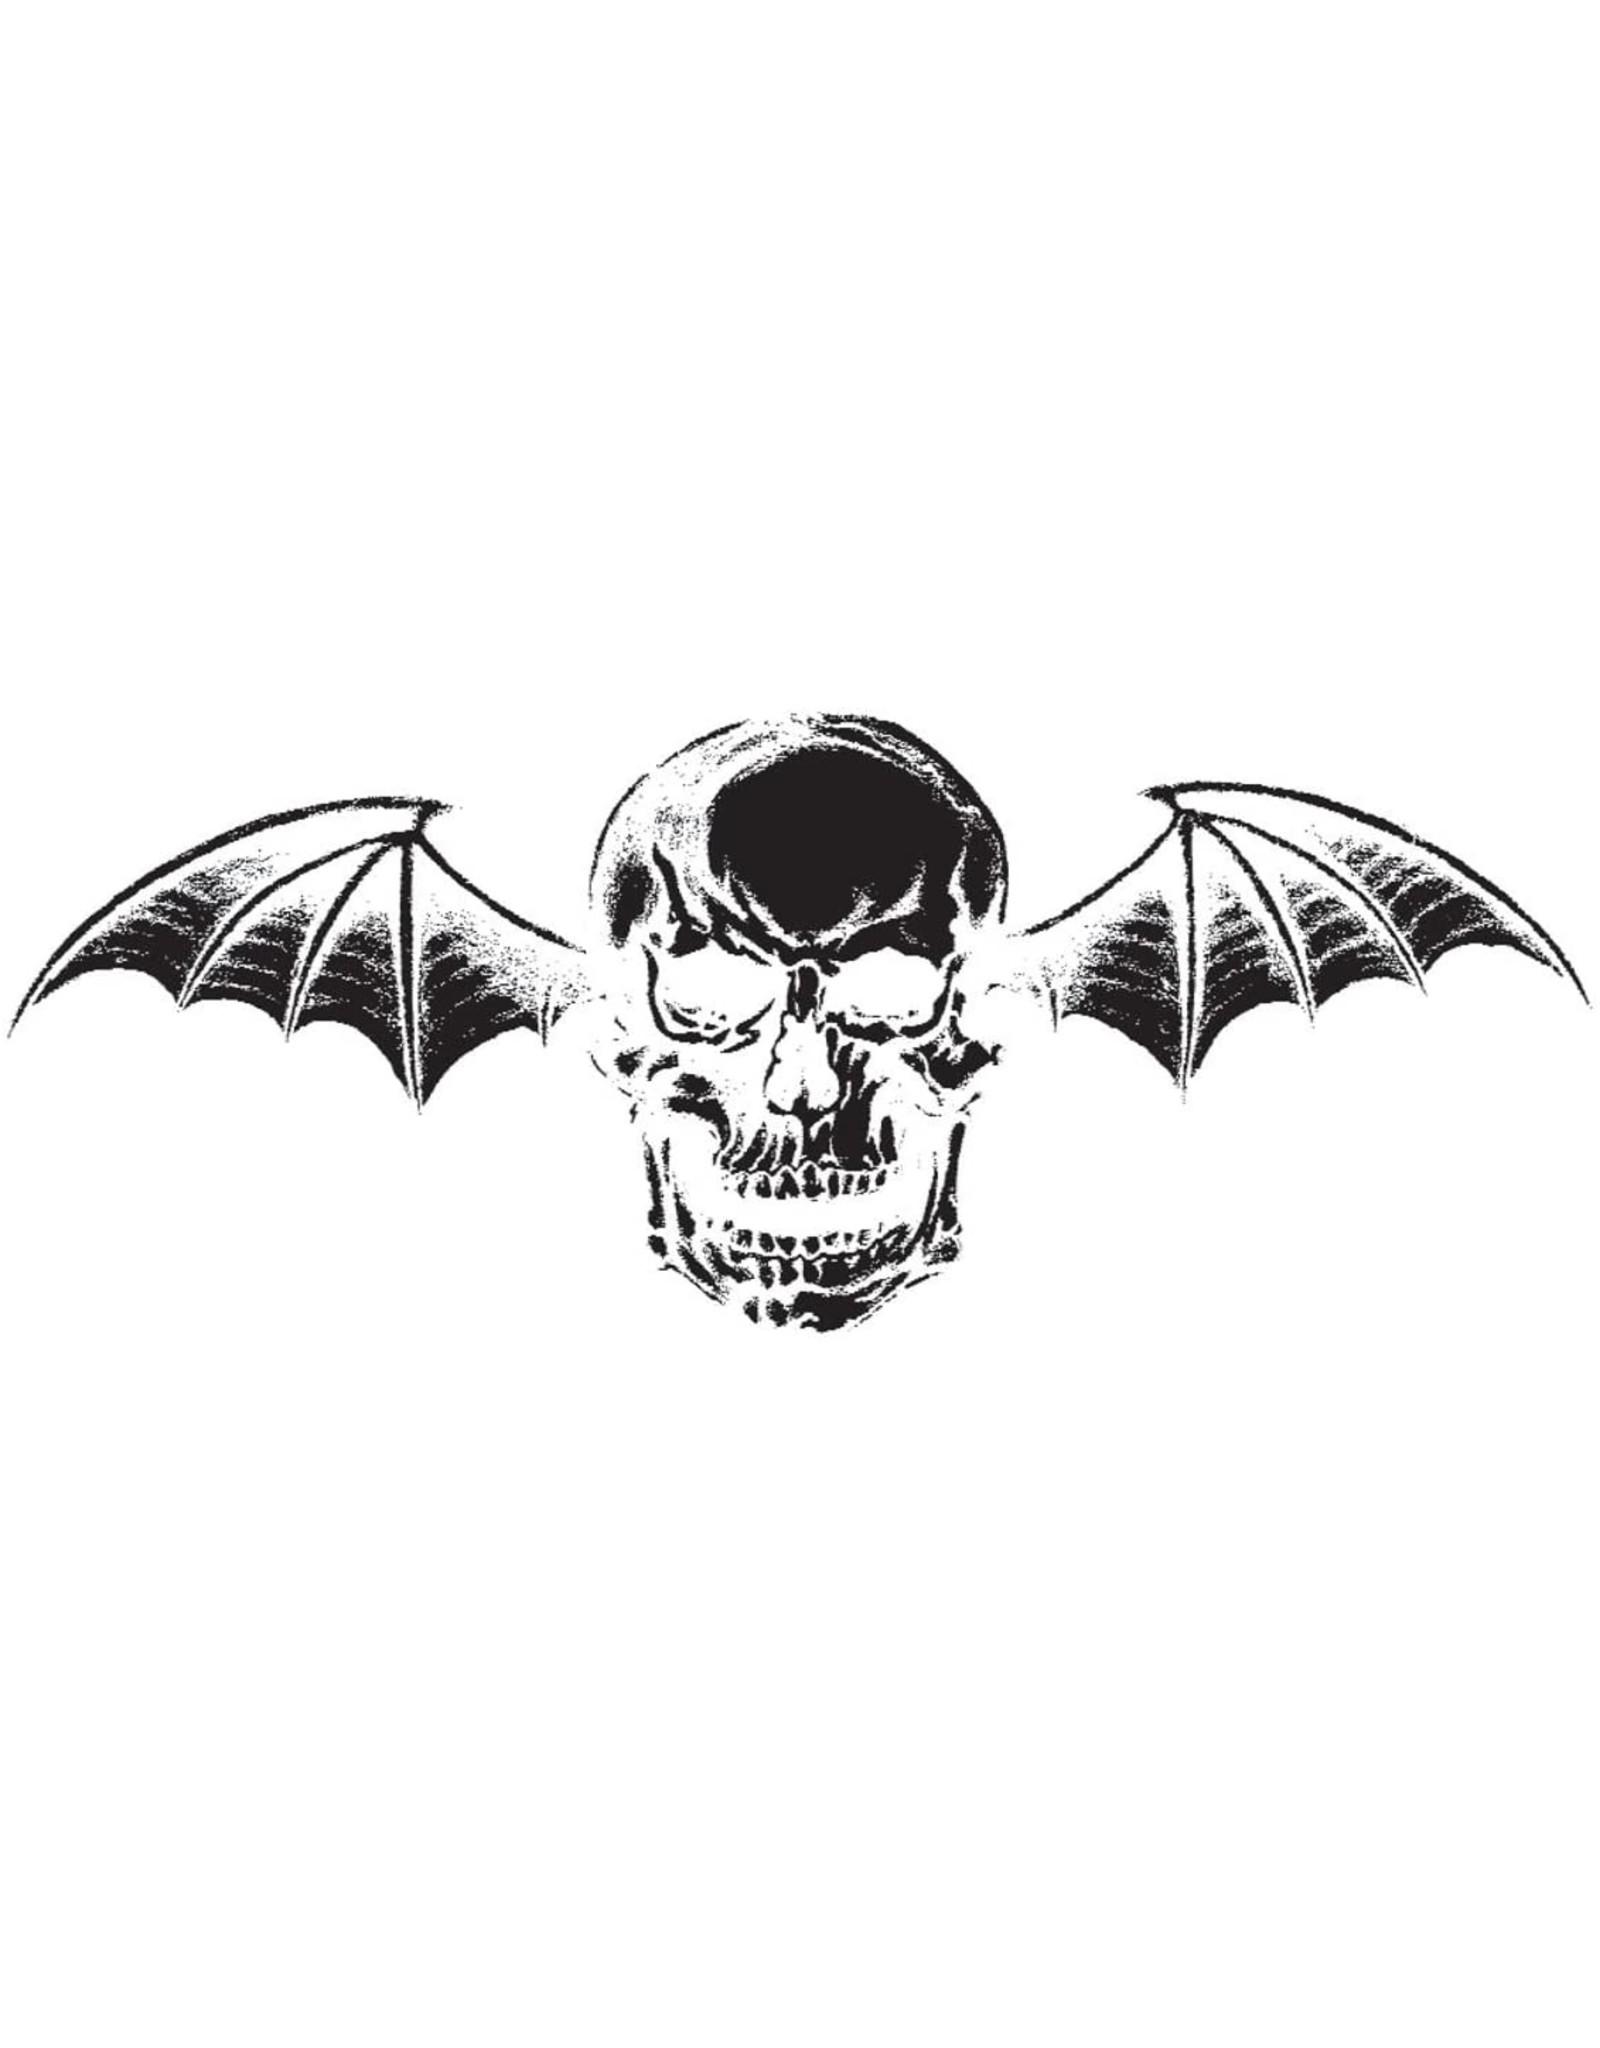 Avenged Sevenfold - Avenged Sevenfold